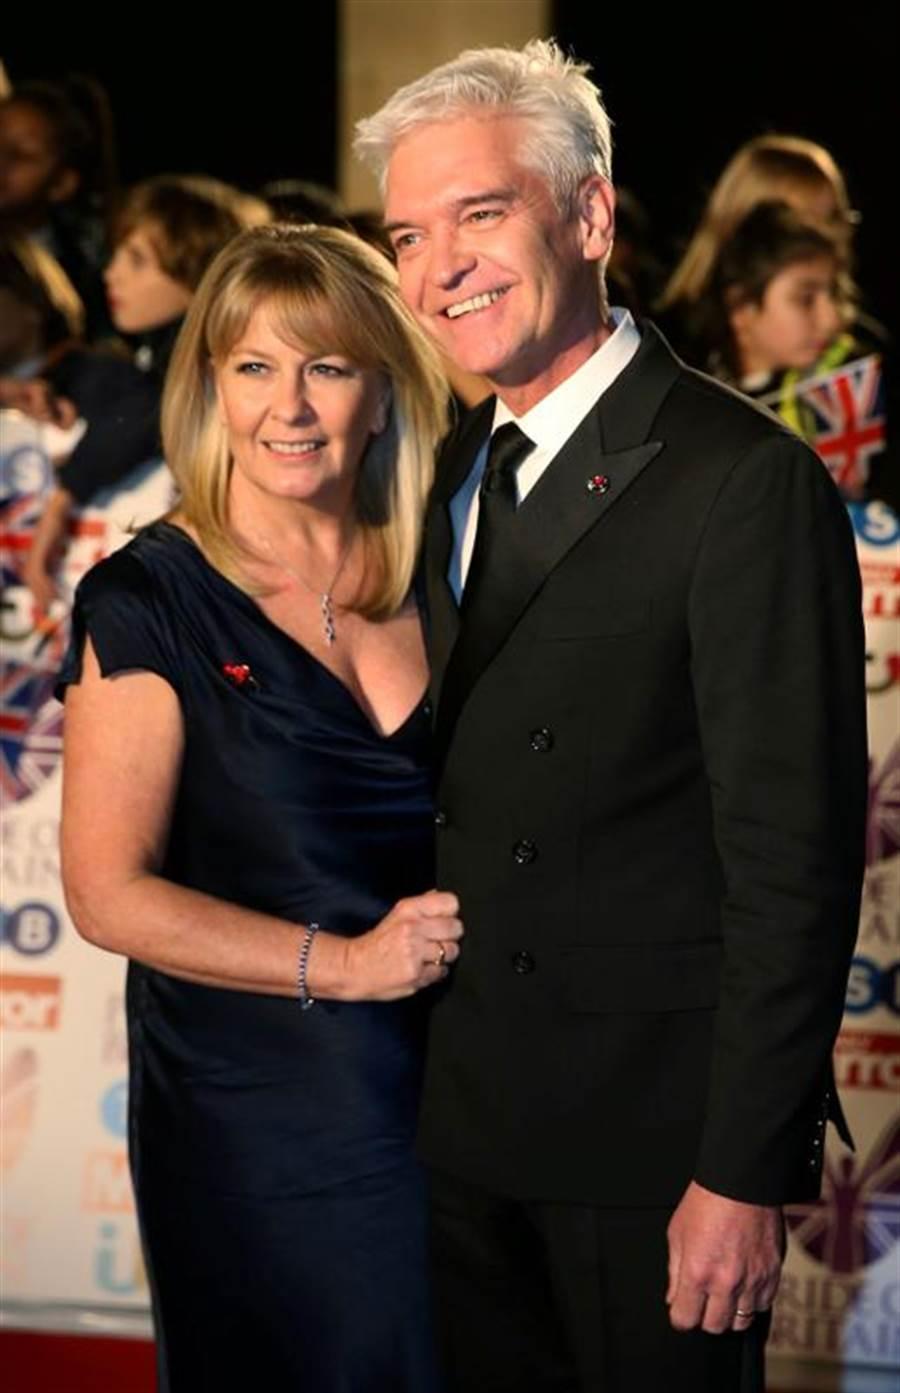 英國名主持人修菲德今天宣布出櫃,並感性向結褵27年的妻子道謝。(路透)